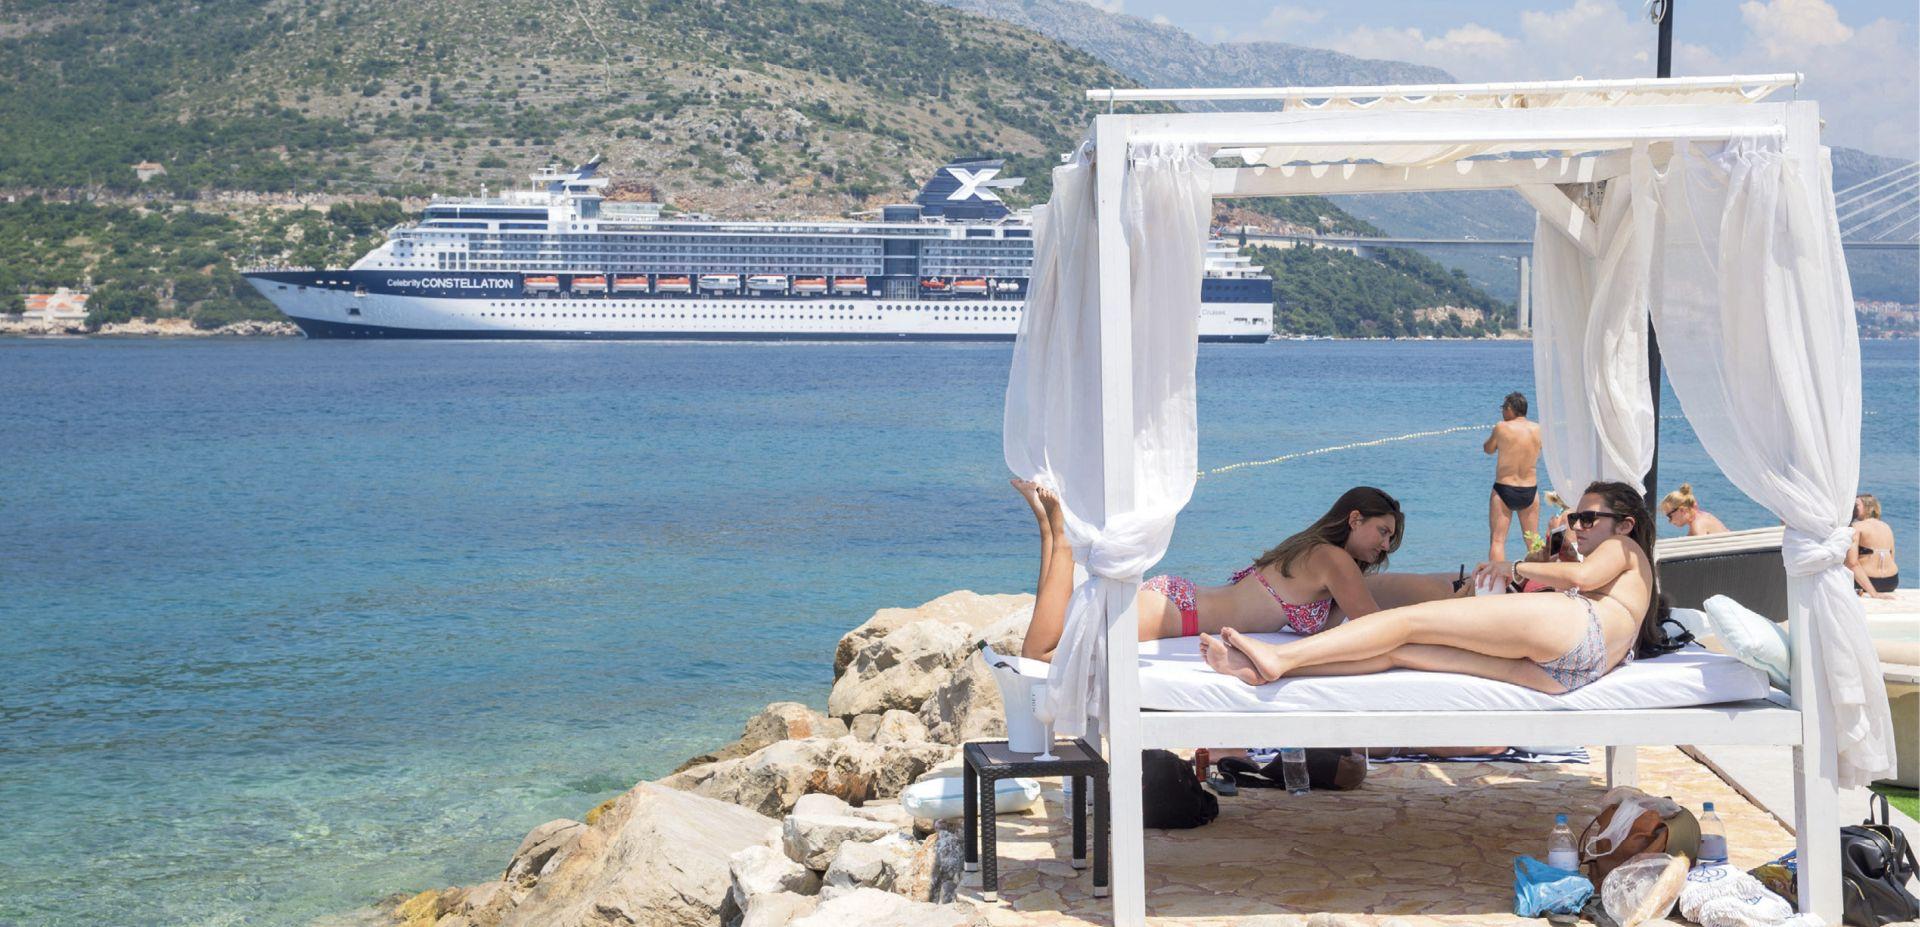 Dva milijuna eura uloženo u uređenje najstarije dubrovačke plaže za mlade bogataše